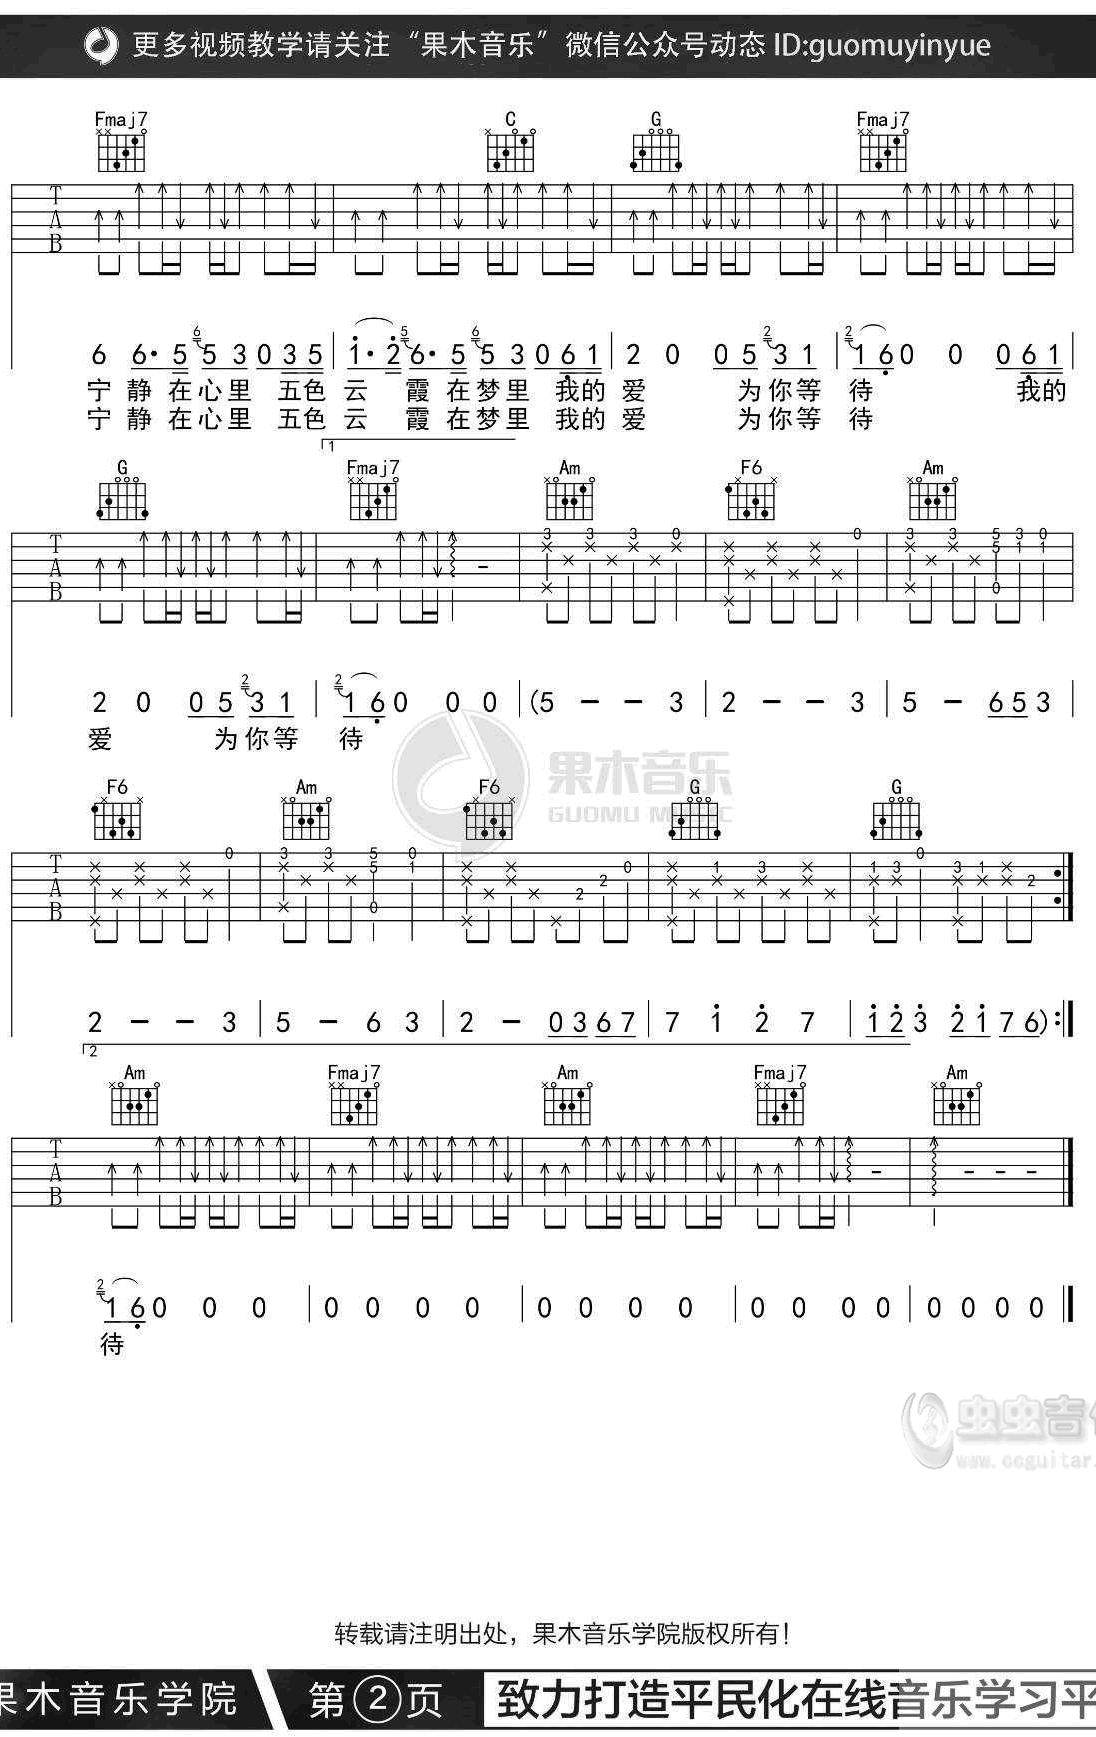 我的愛-許巍-图片吉他谱-2